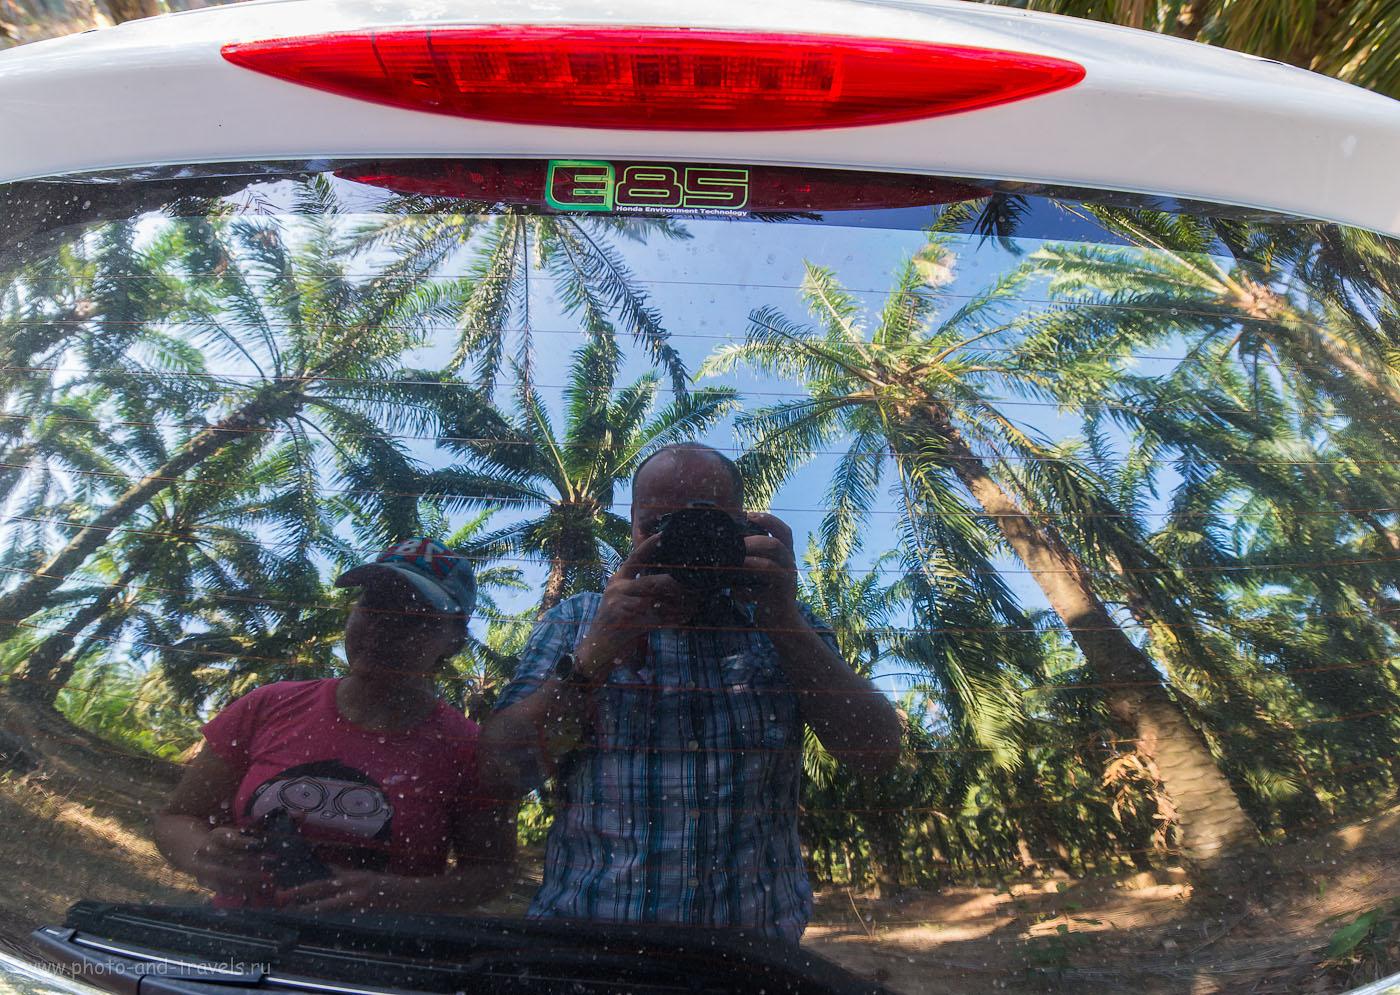 Фото 13. Отзывы туристов об отдыхе в провинции Краби в Таиланде самостоятельно. Мы с Тамарой ходим парой (1600, 14, 8.0, 1/80)